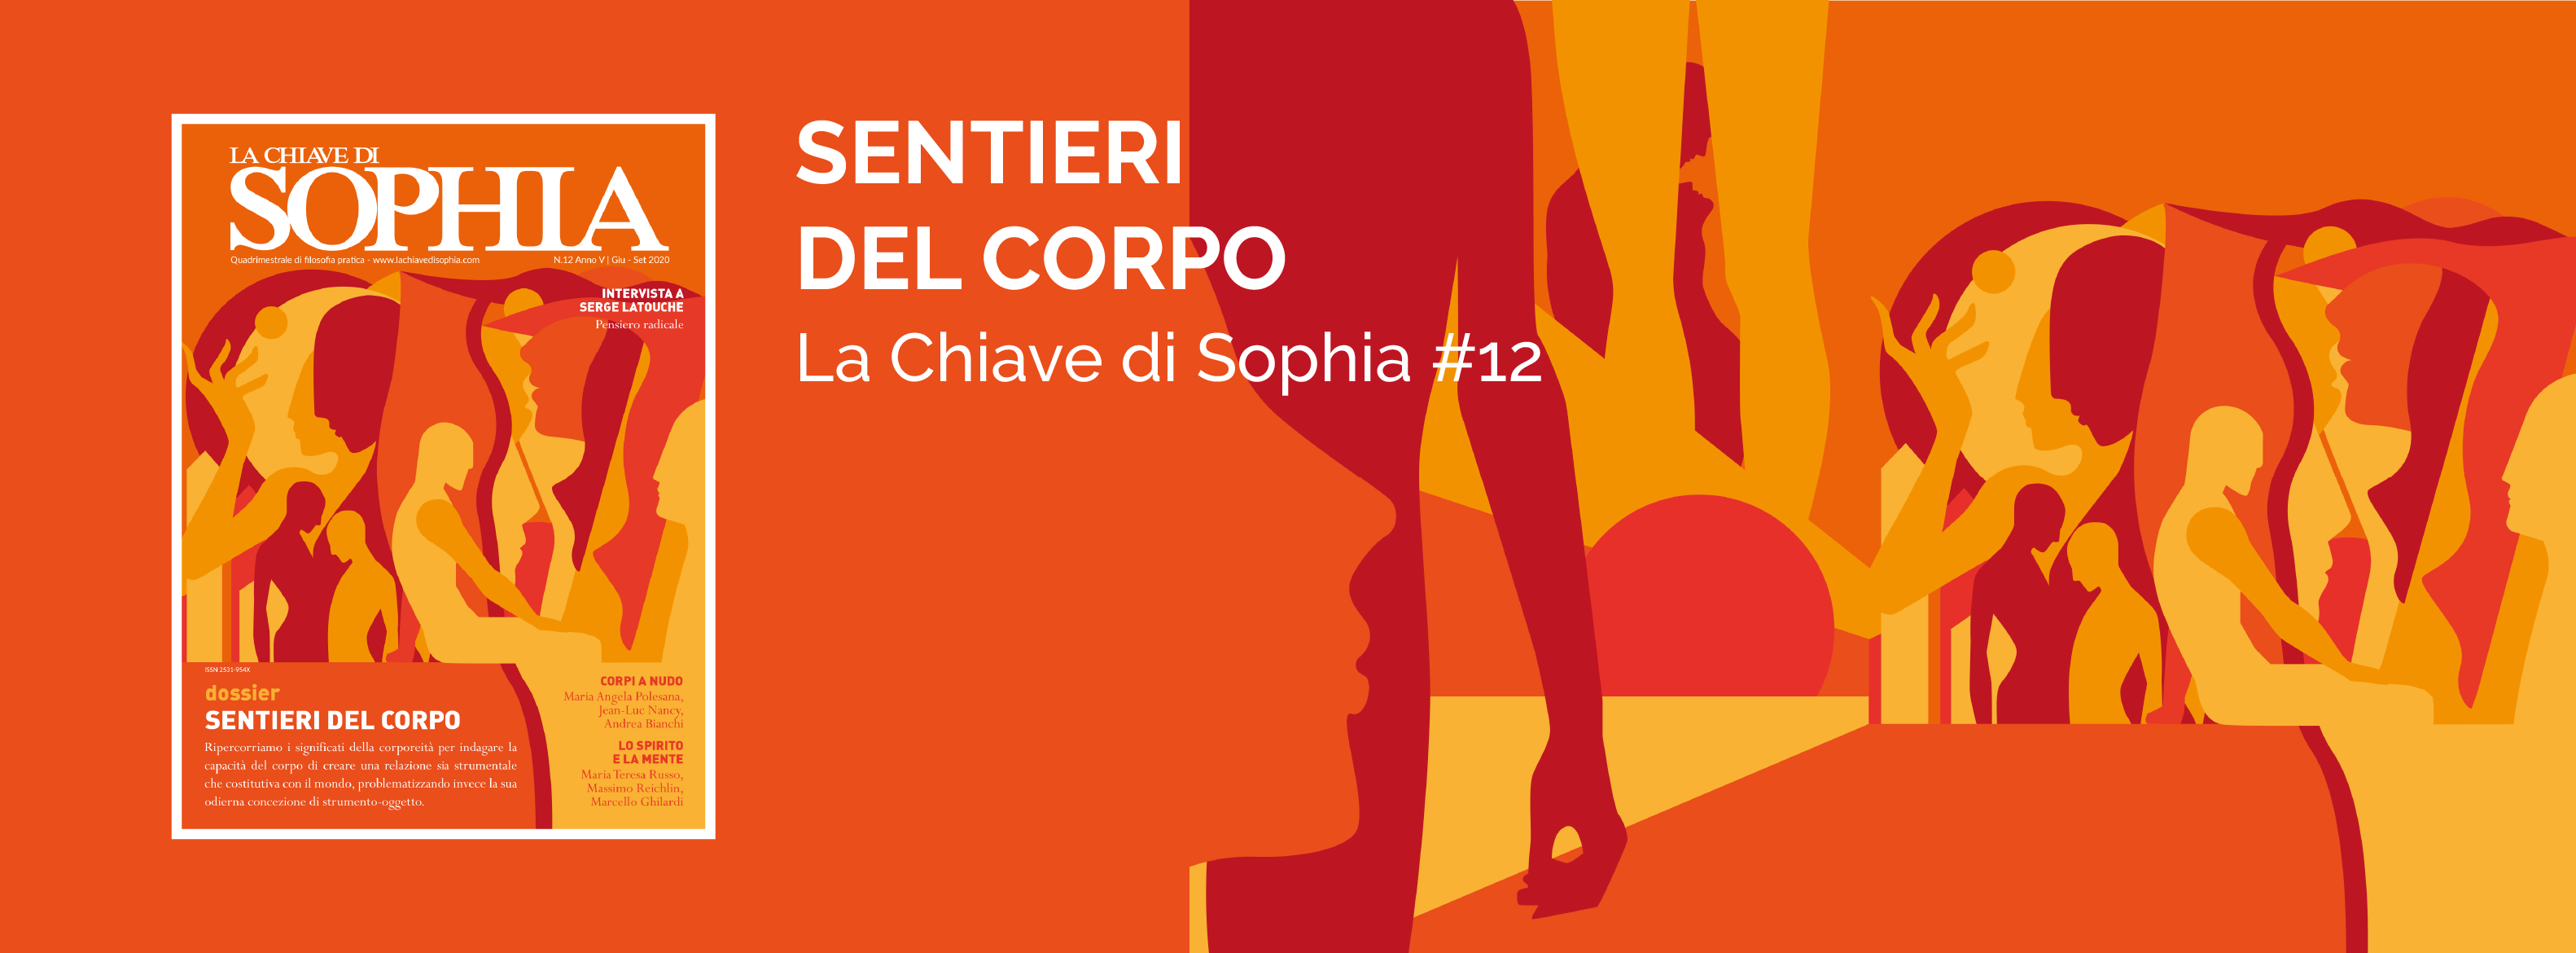 copertina-sito_la-chiave-di-sophia-11eps-01-01